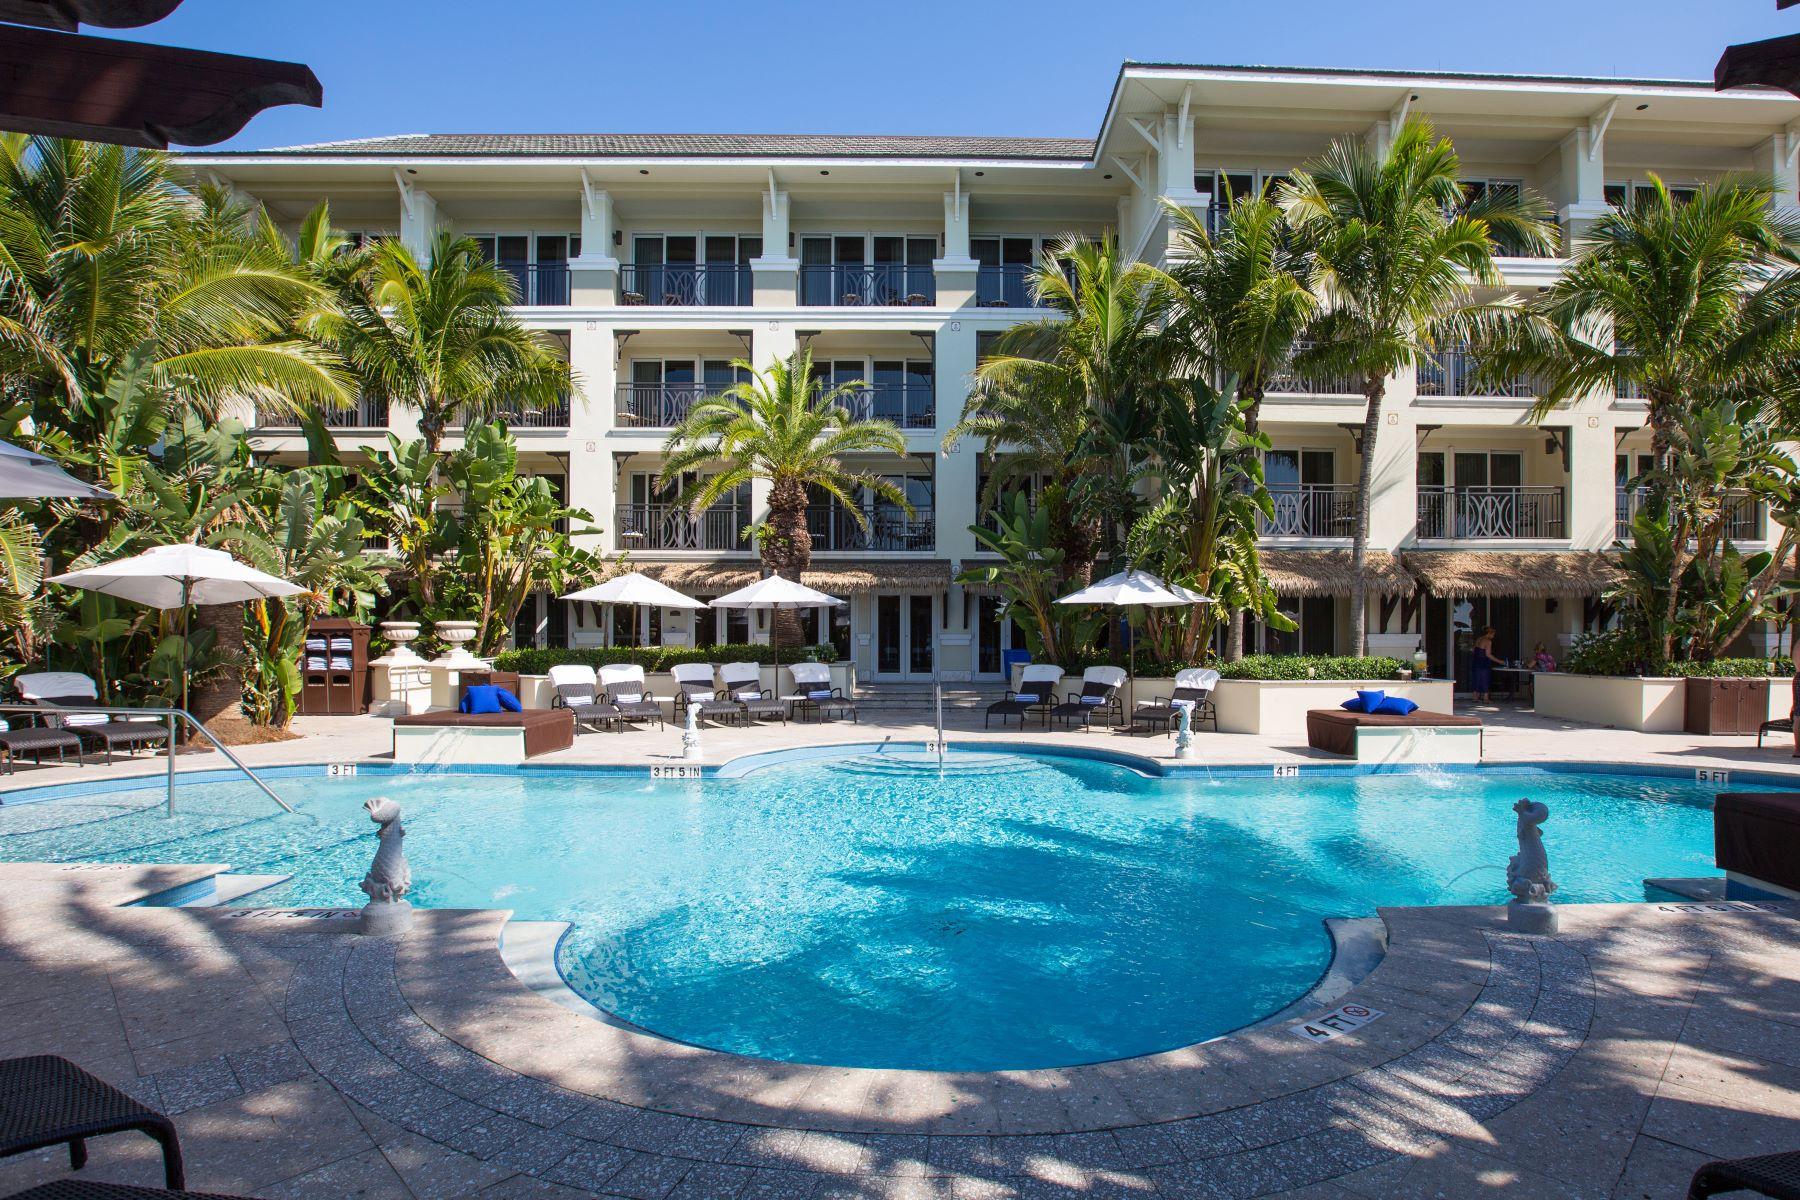 Vero Beach Condo Hotel 3500 Ocean Drive 105 Vero Beach, Florida 32963 Estados Unidos